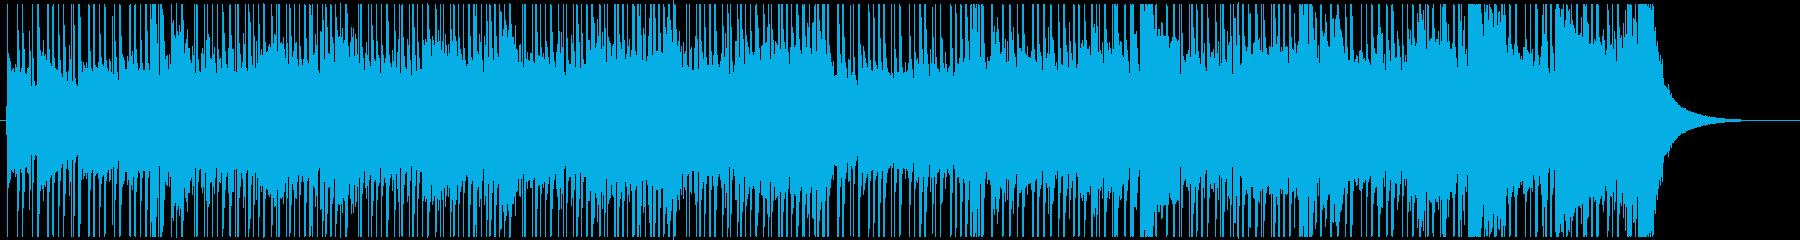 シリアスな状況をイメージの再生済みの波形